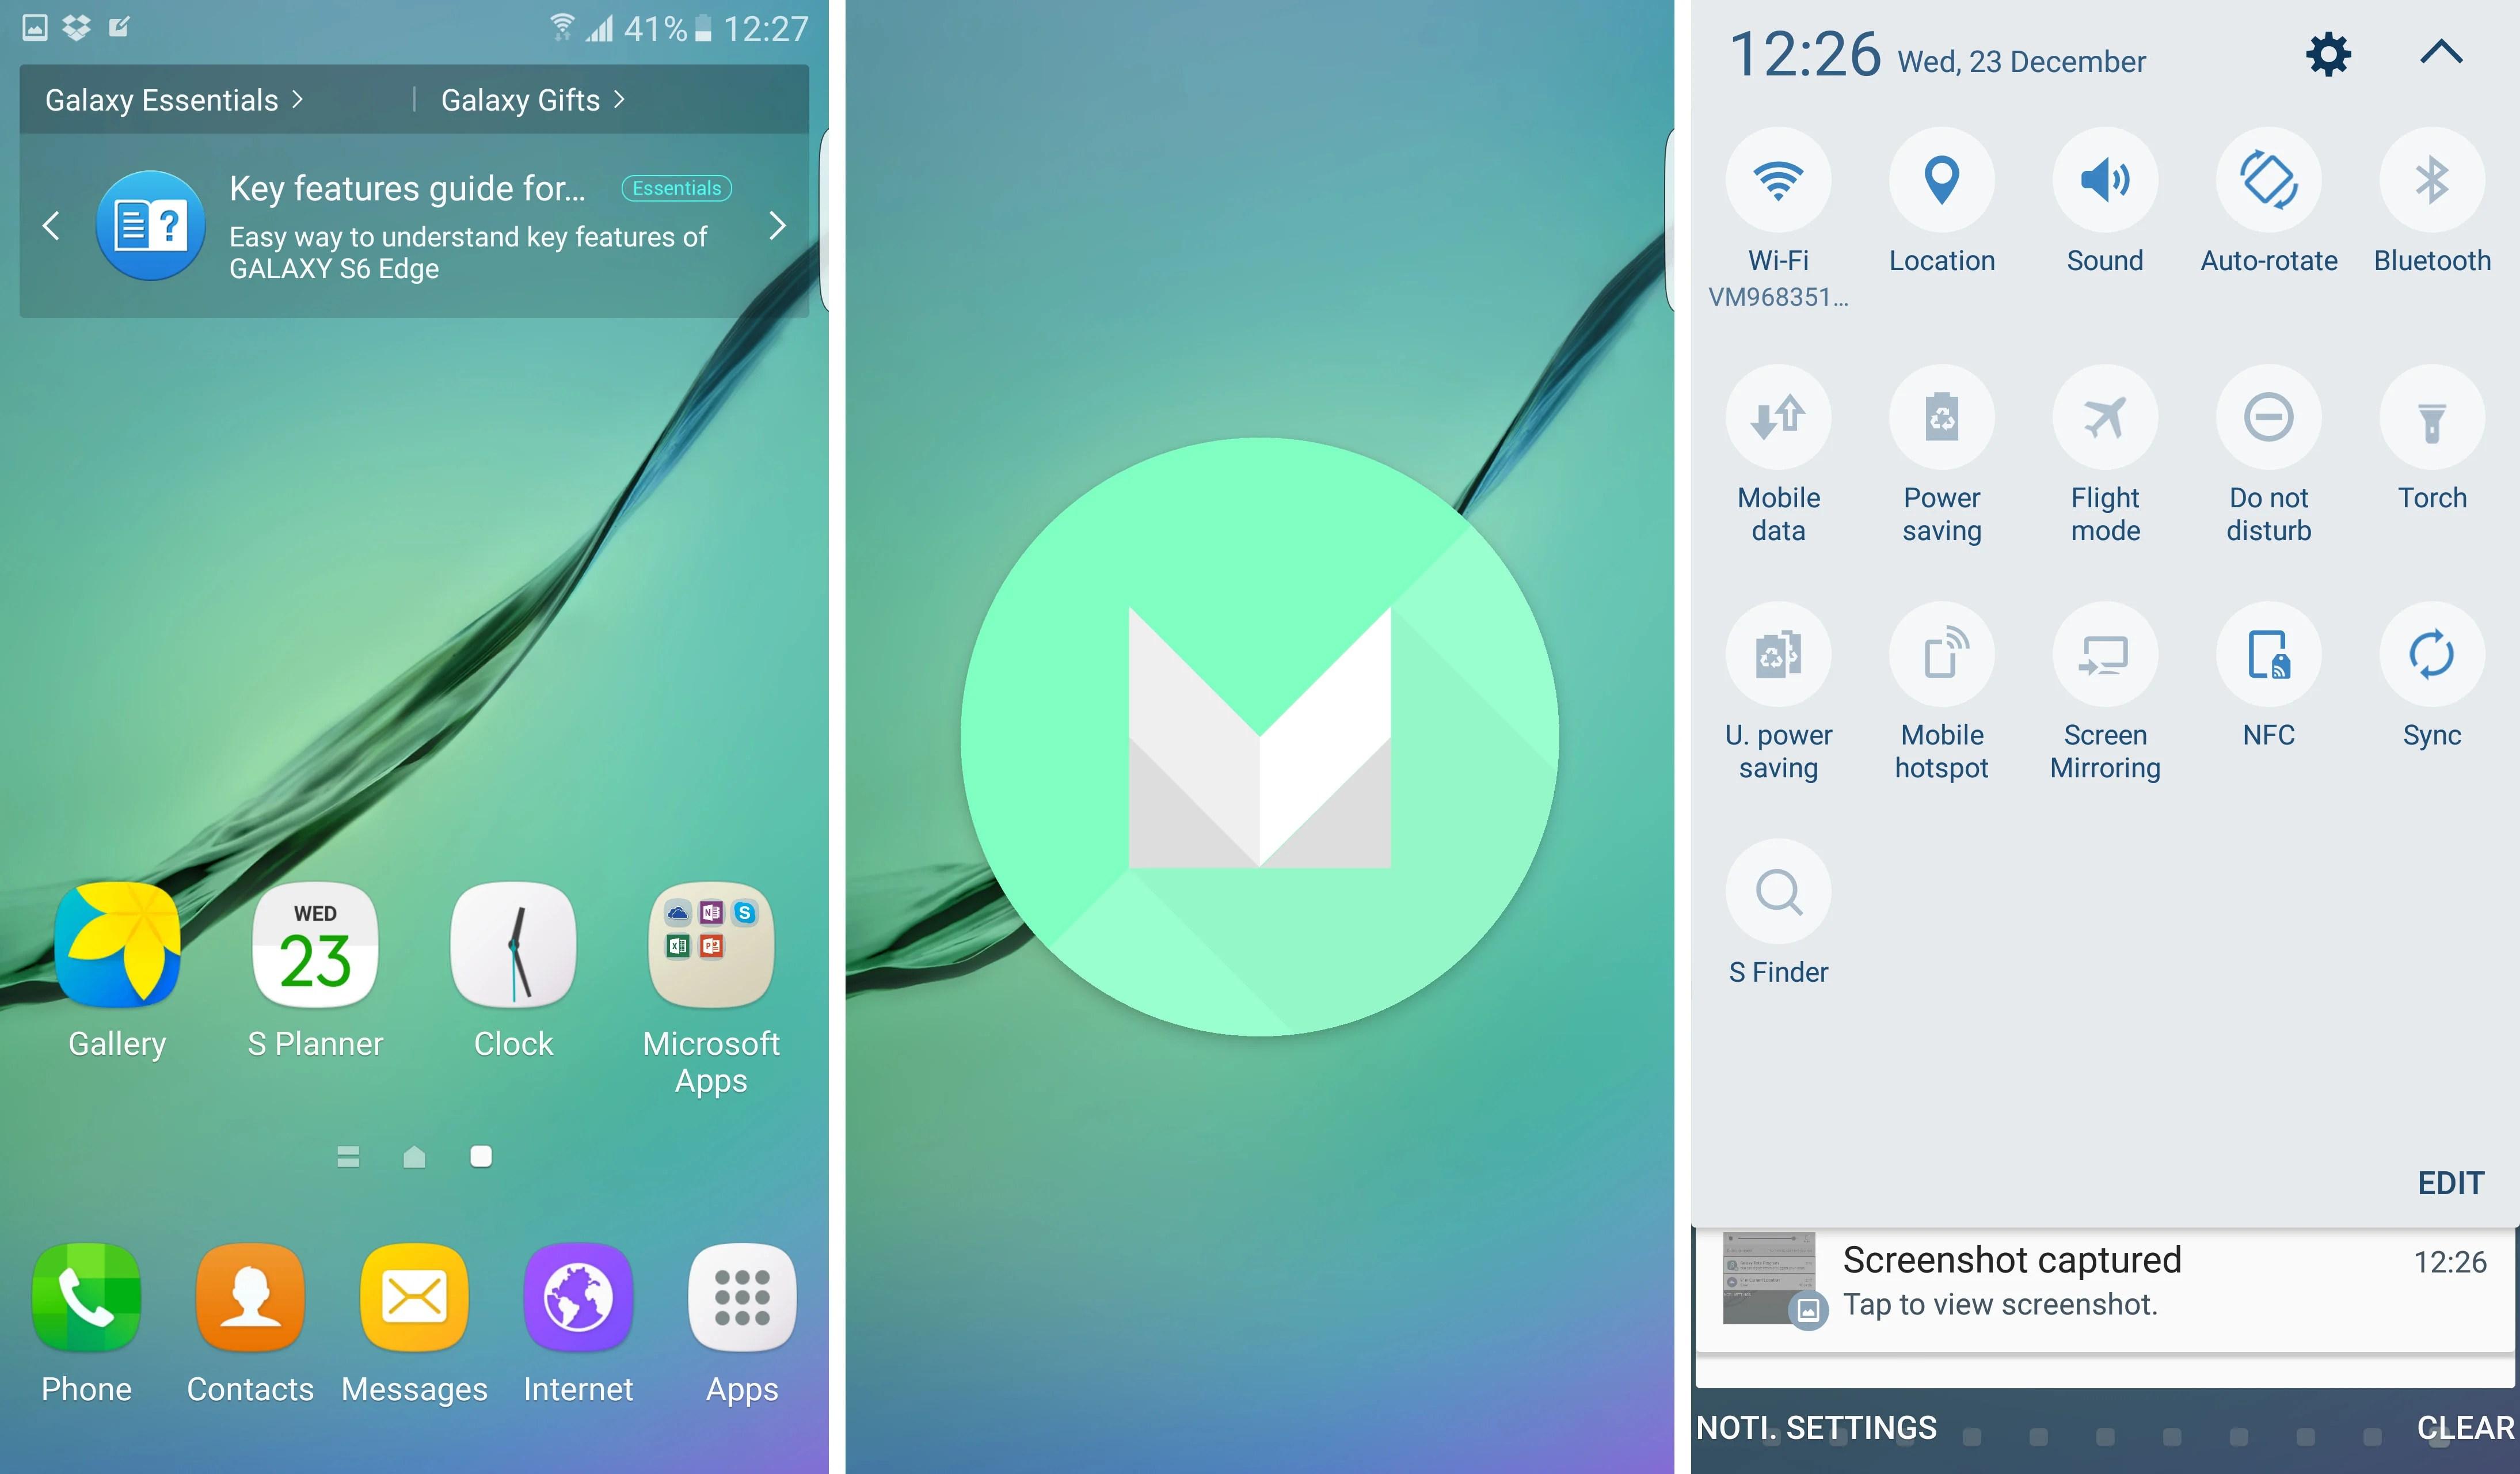 Samsung commence à déployer Android 6.0 Marshmallow sur les Galaxy S6 et S6 edge du monde entier